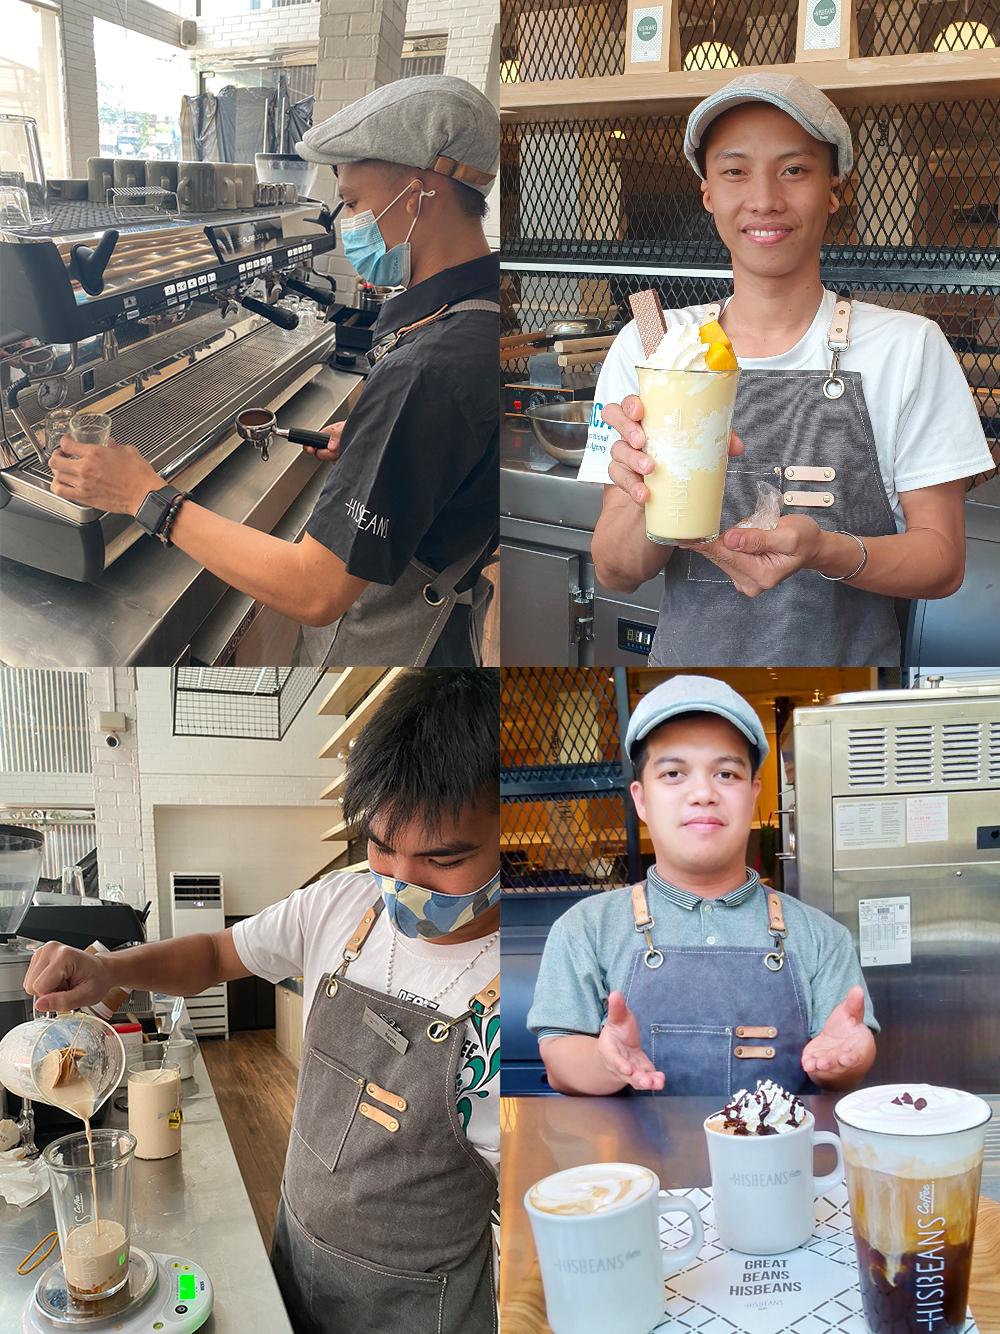 장애인 바리스타가 음료를 만드는 모습과 직접 만든 음료